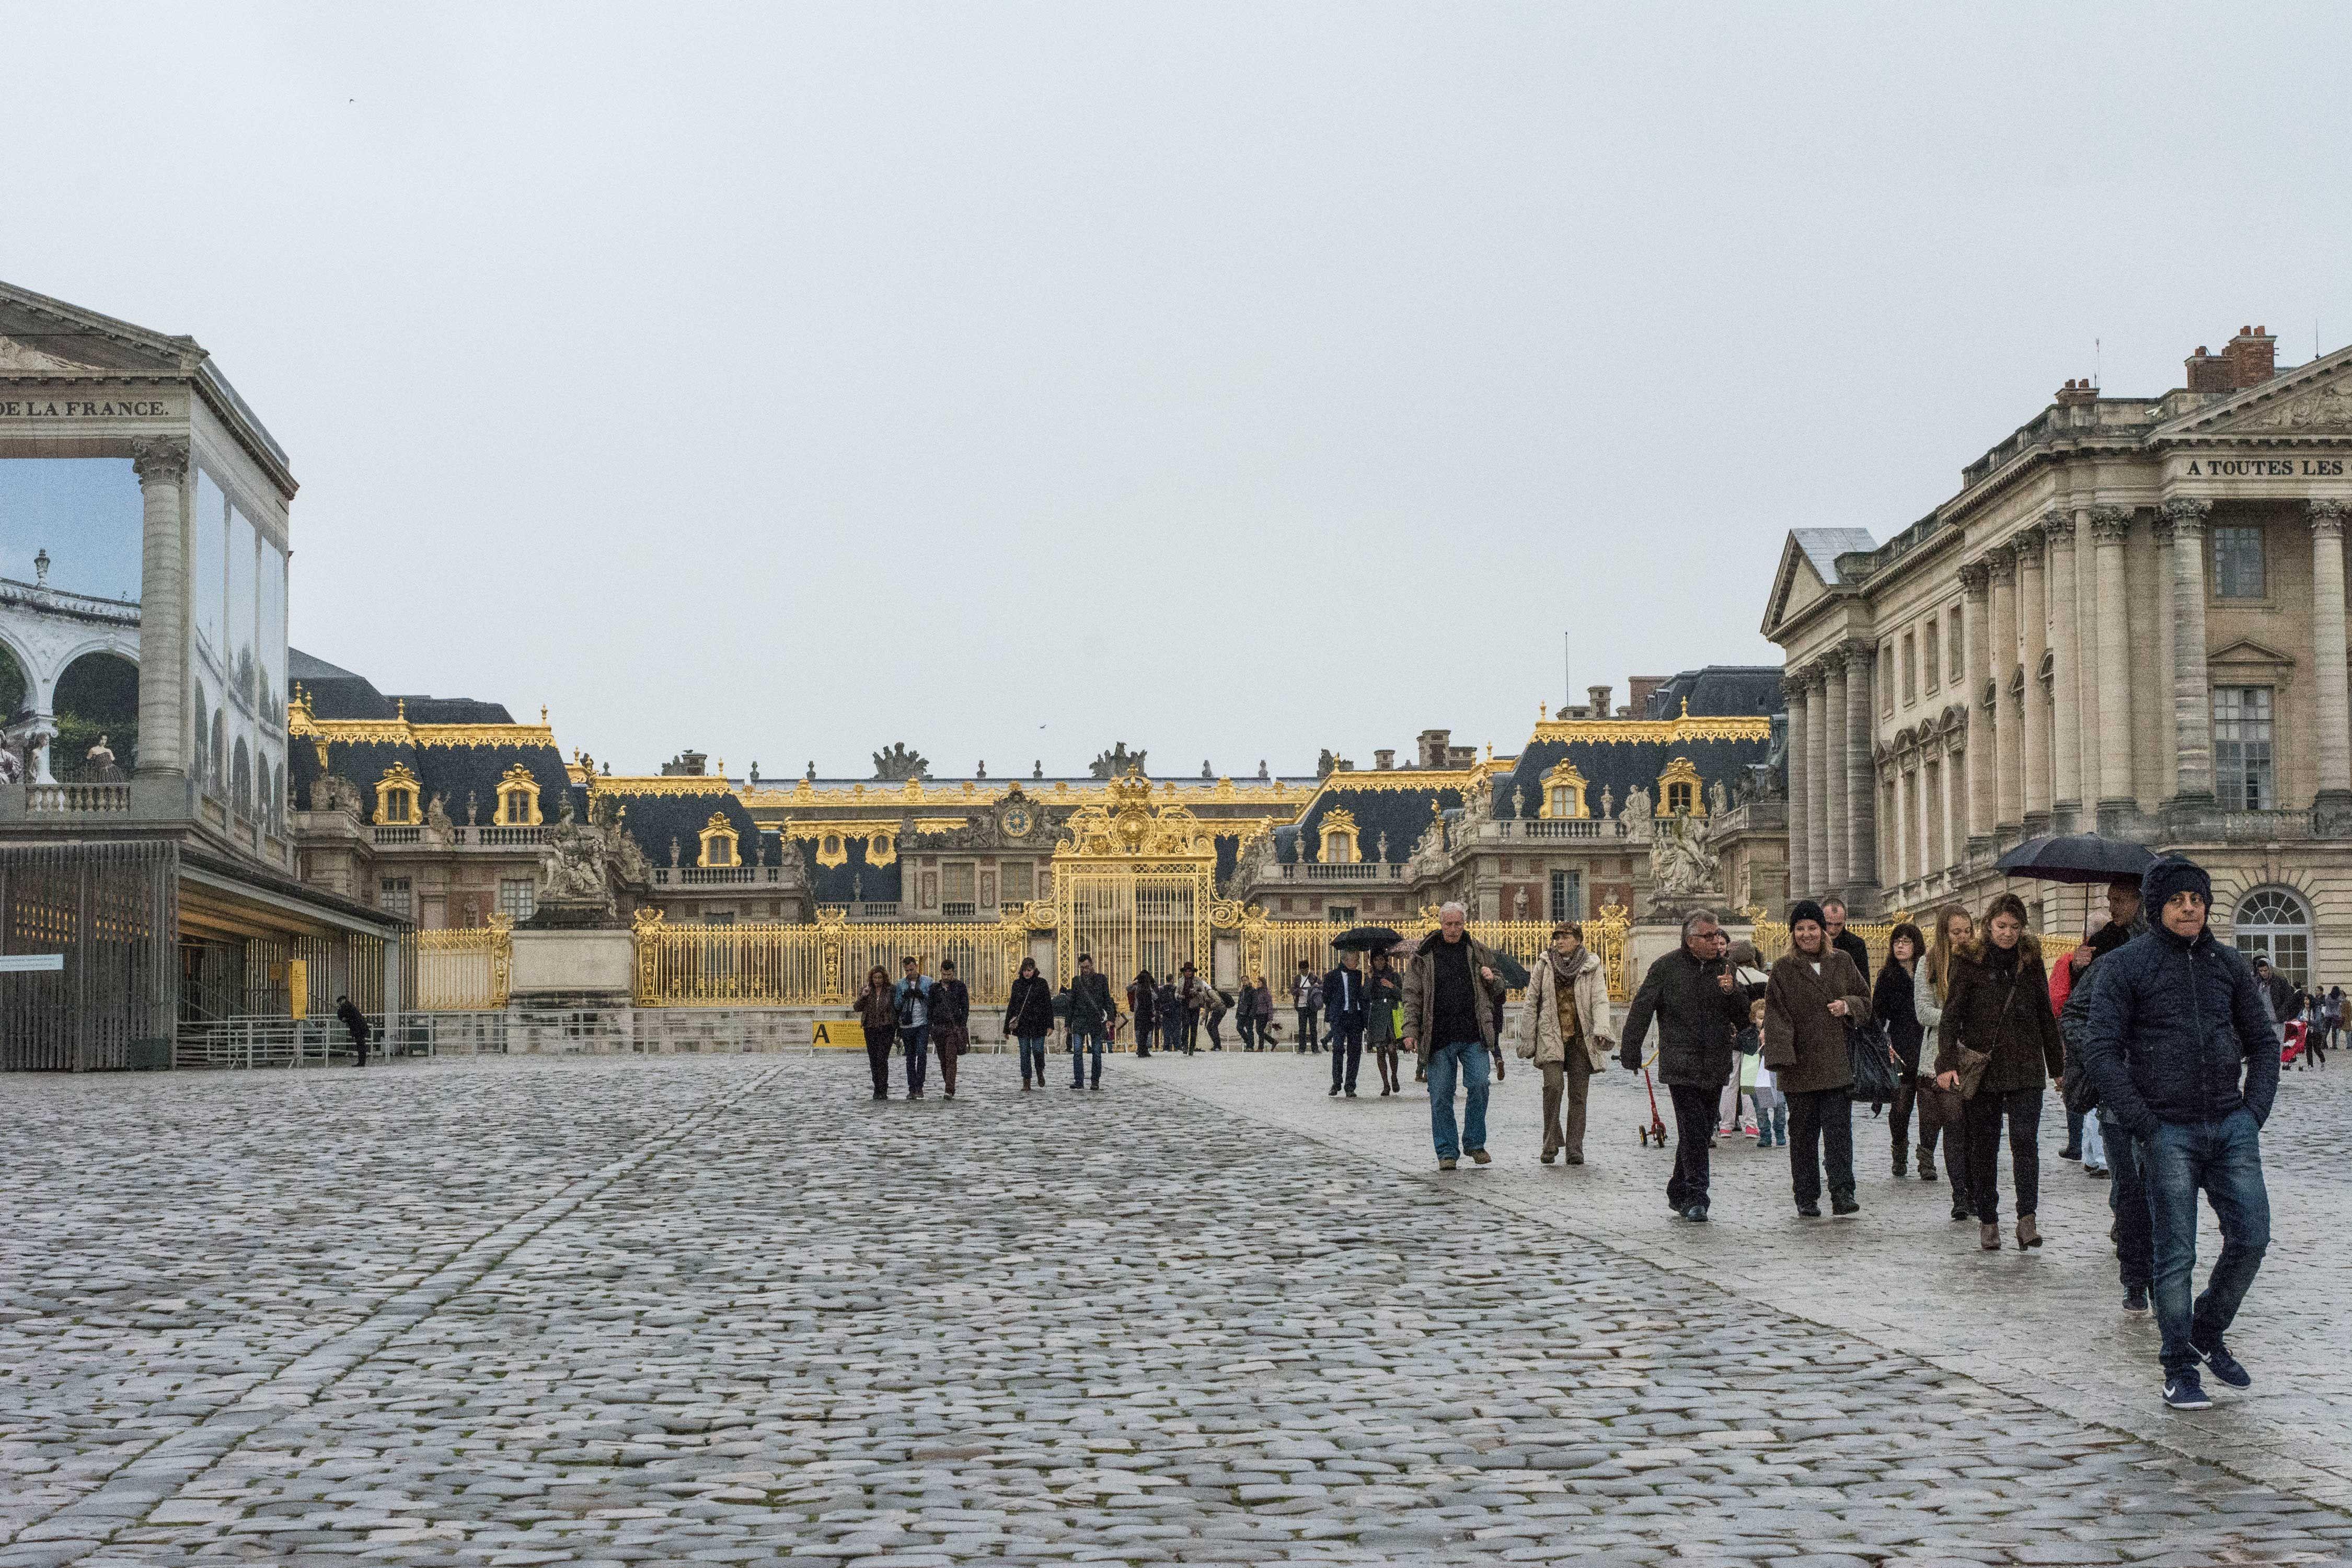 Frontis Palacio de Versalles